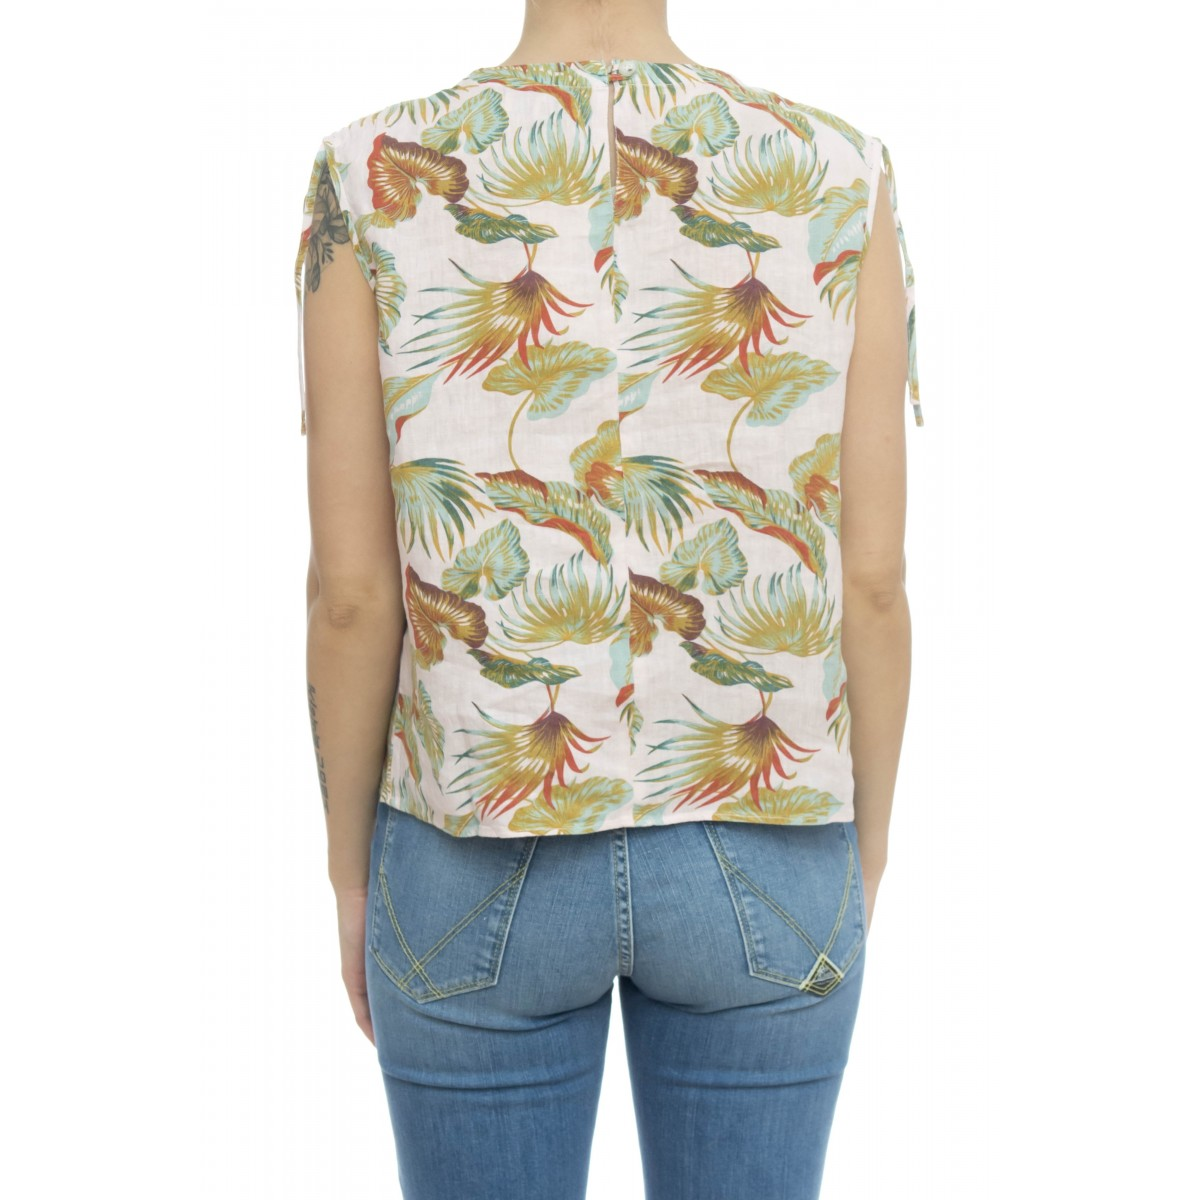 Camicia donna - Eliana 5290 camicia stampa